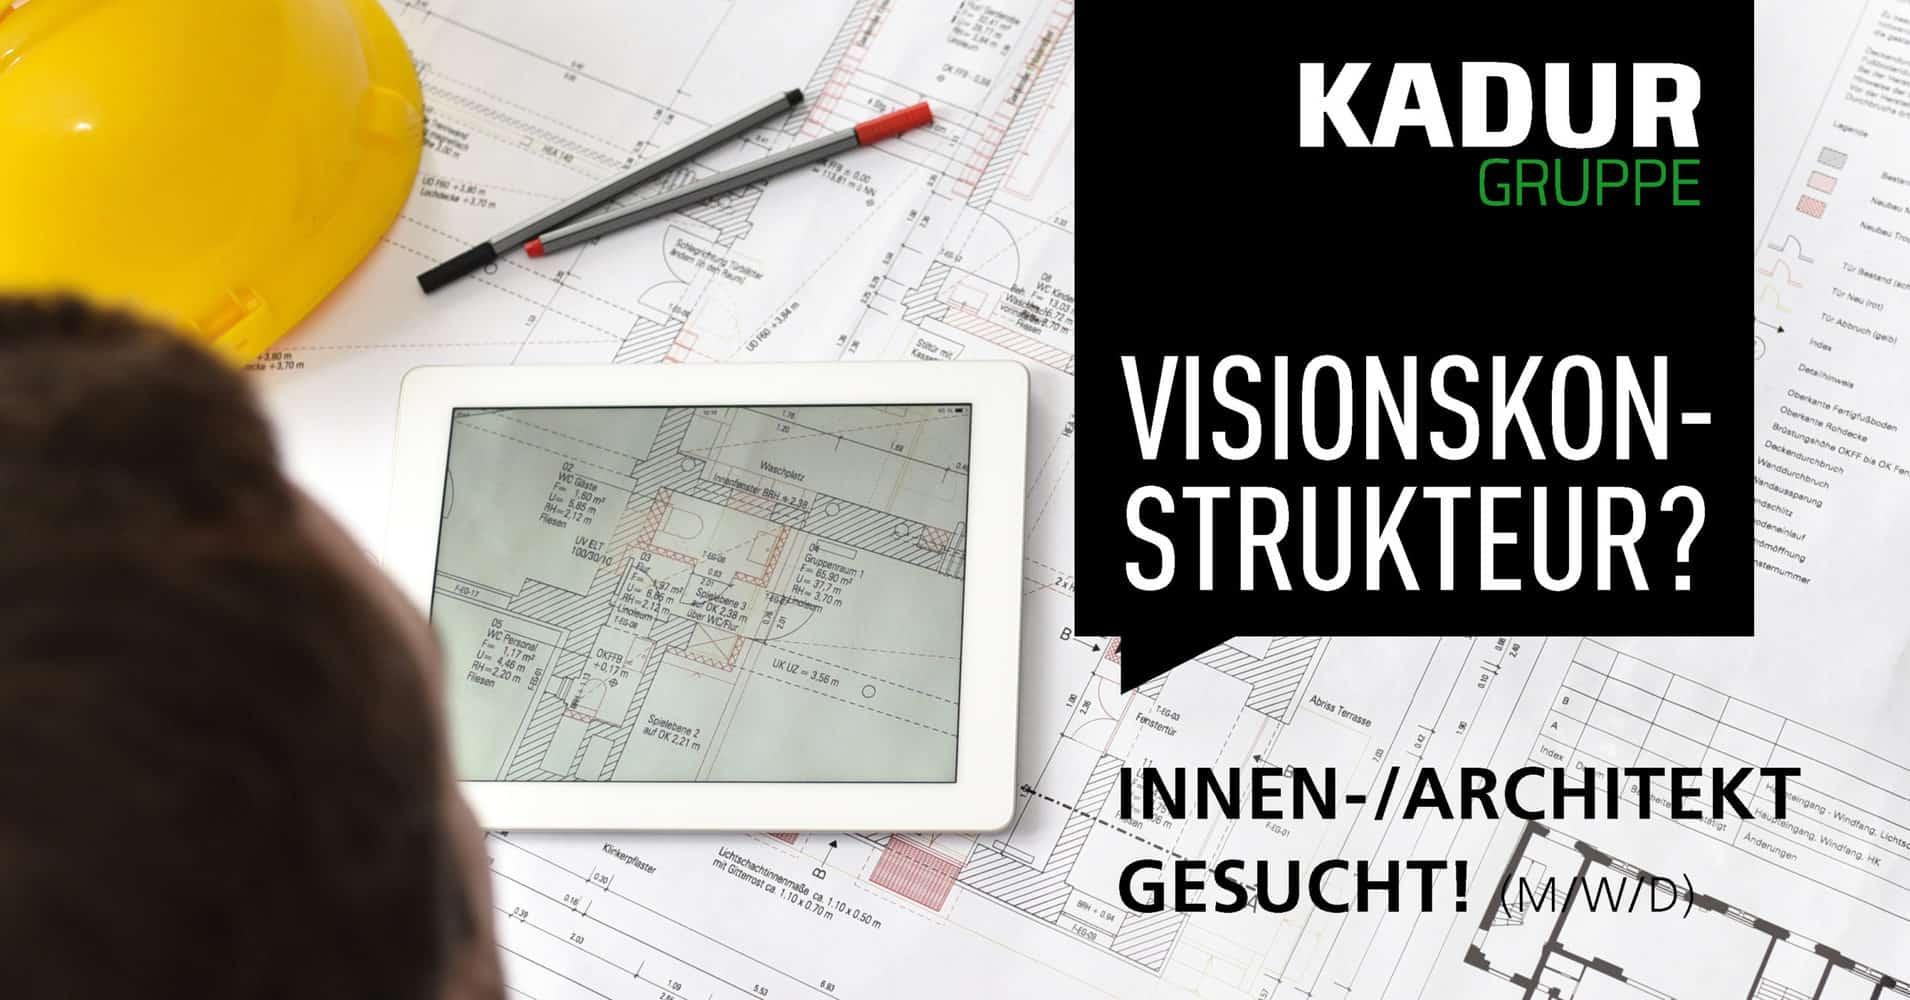 Fachkraft gesucht, Architekt, Innenarchitekt, jetzt bewerben, Festanstellung, Visionskonstrukteur, MWD